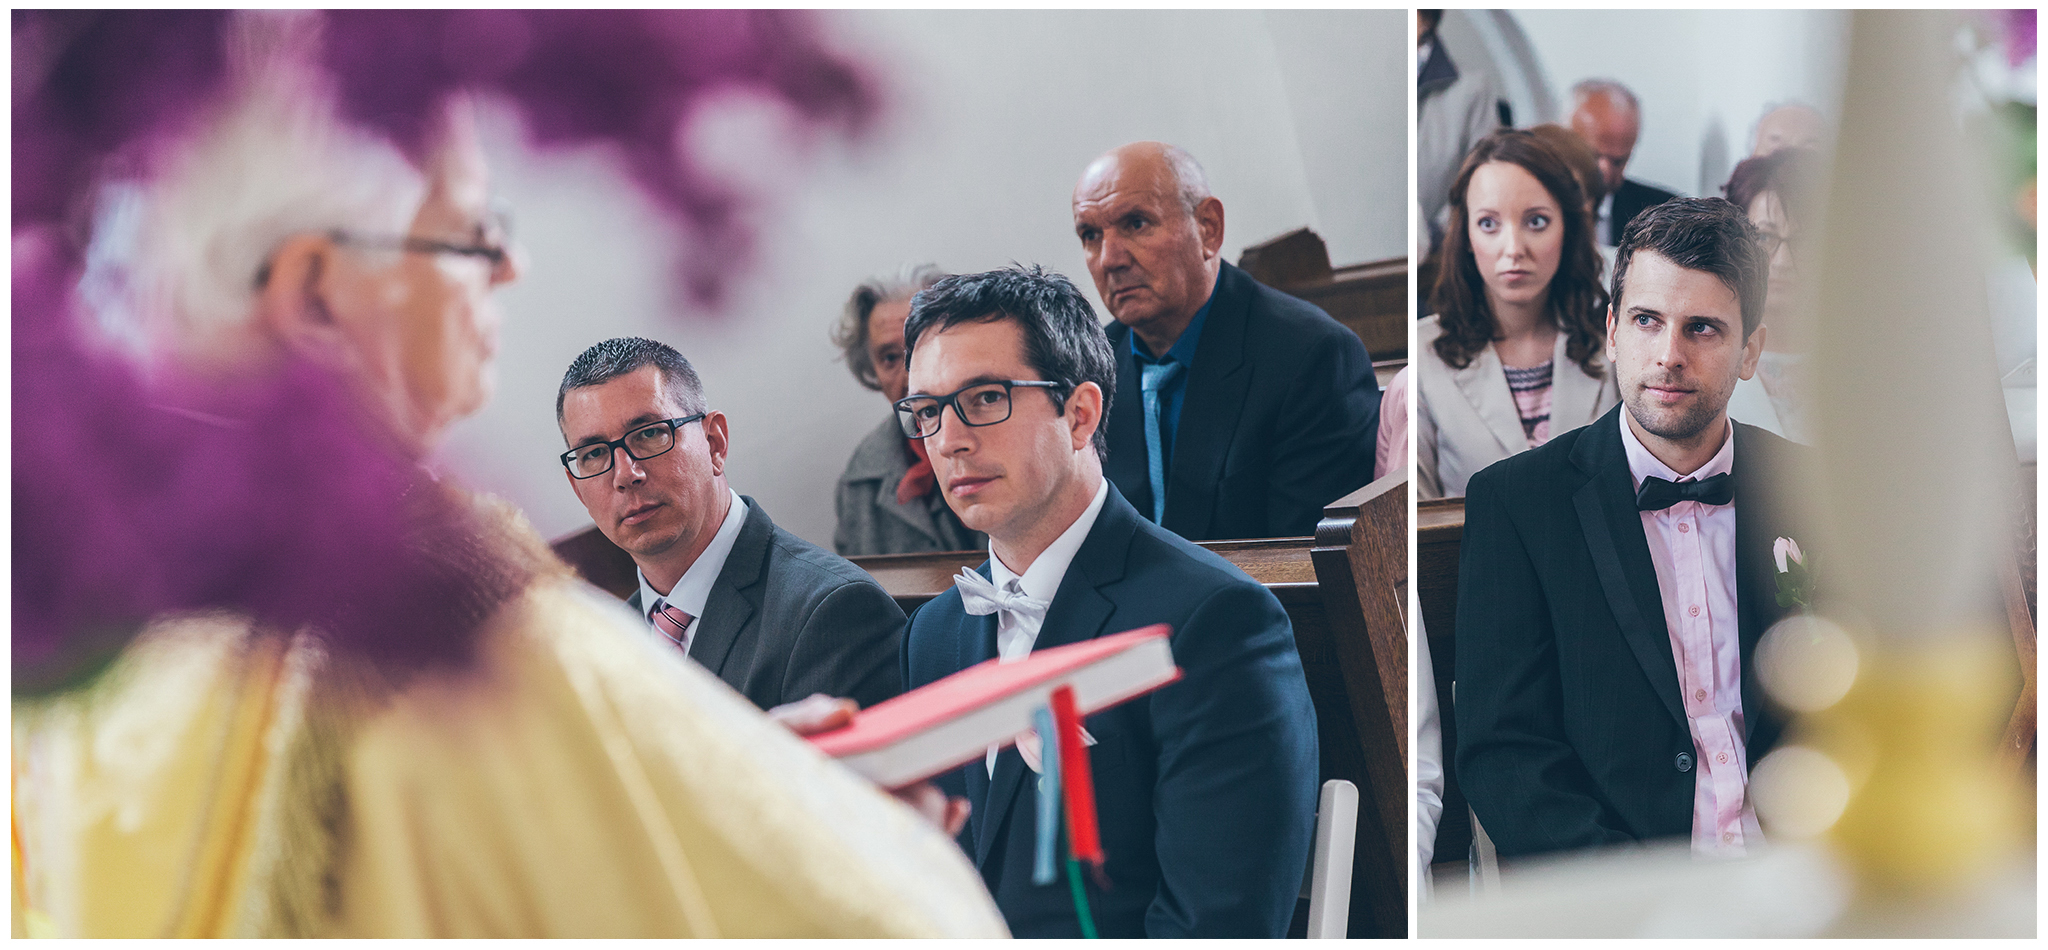 FylepPhoto, esküvőfotós, esküvői fotós Körmend, Szombathely, esküvőfotózás, magyarország, vas megye, prémium, jegyesfotózás, Fülöp Péter, körmend, kreatív, fotográfus_16.jpg